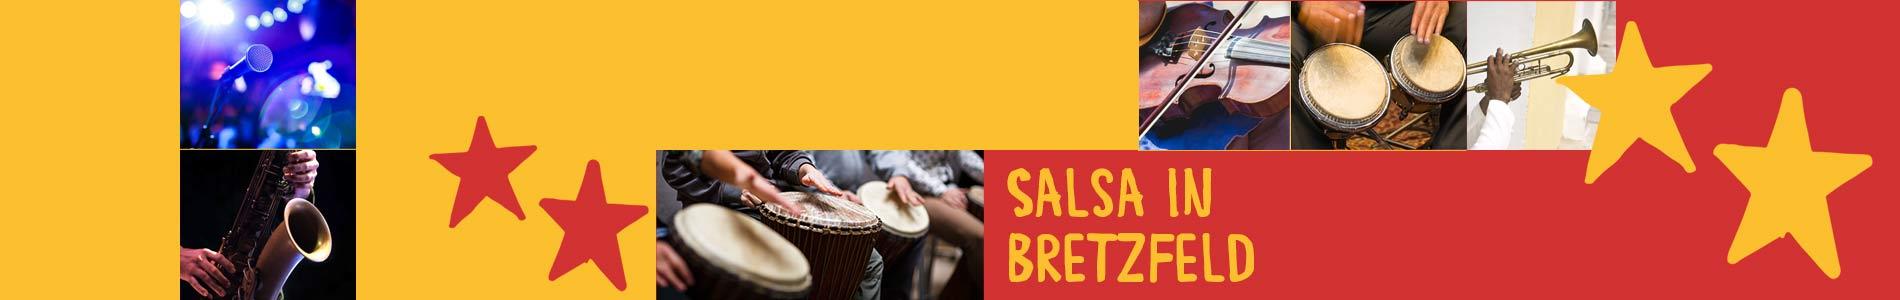 Salsa in Bretzfeld – Salsa lernen und tanzen, Tanzkurse, Partys, Veranstaltungen